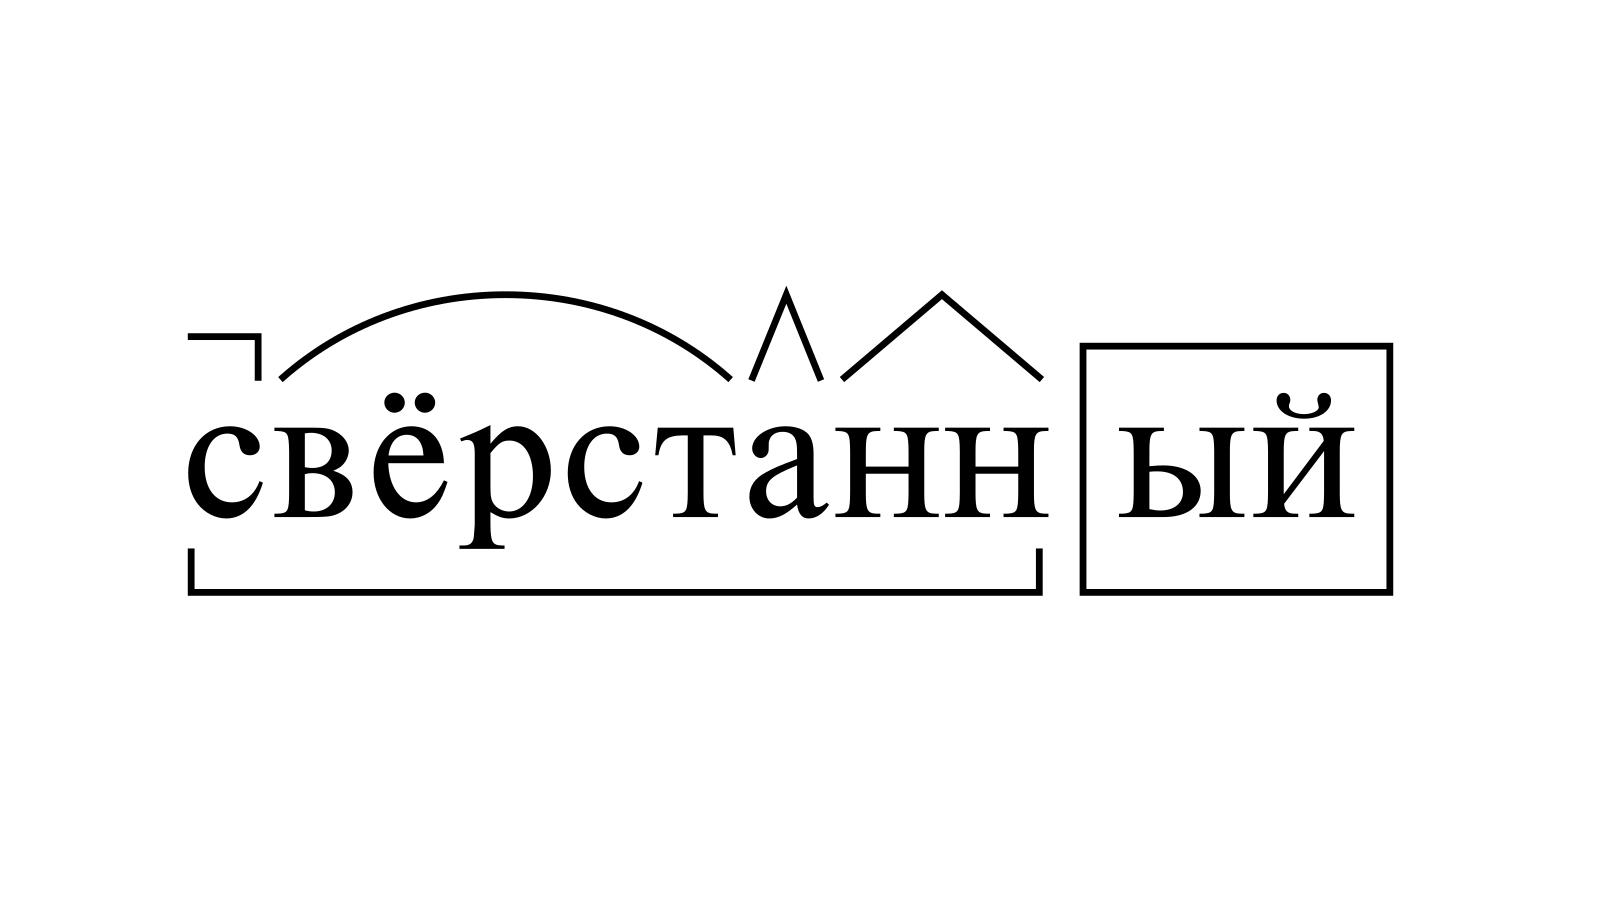 Разбор слова «свёрстанный» по составу